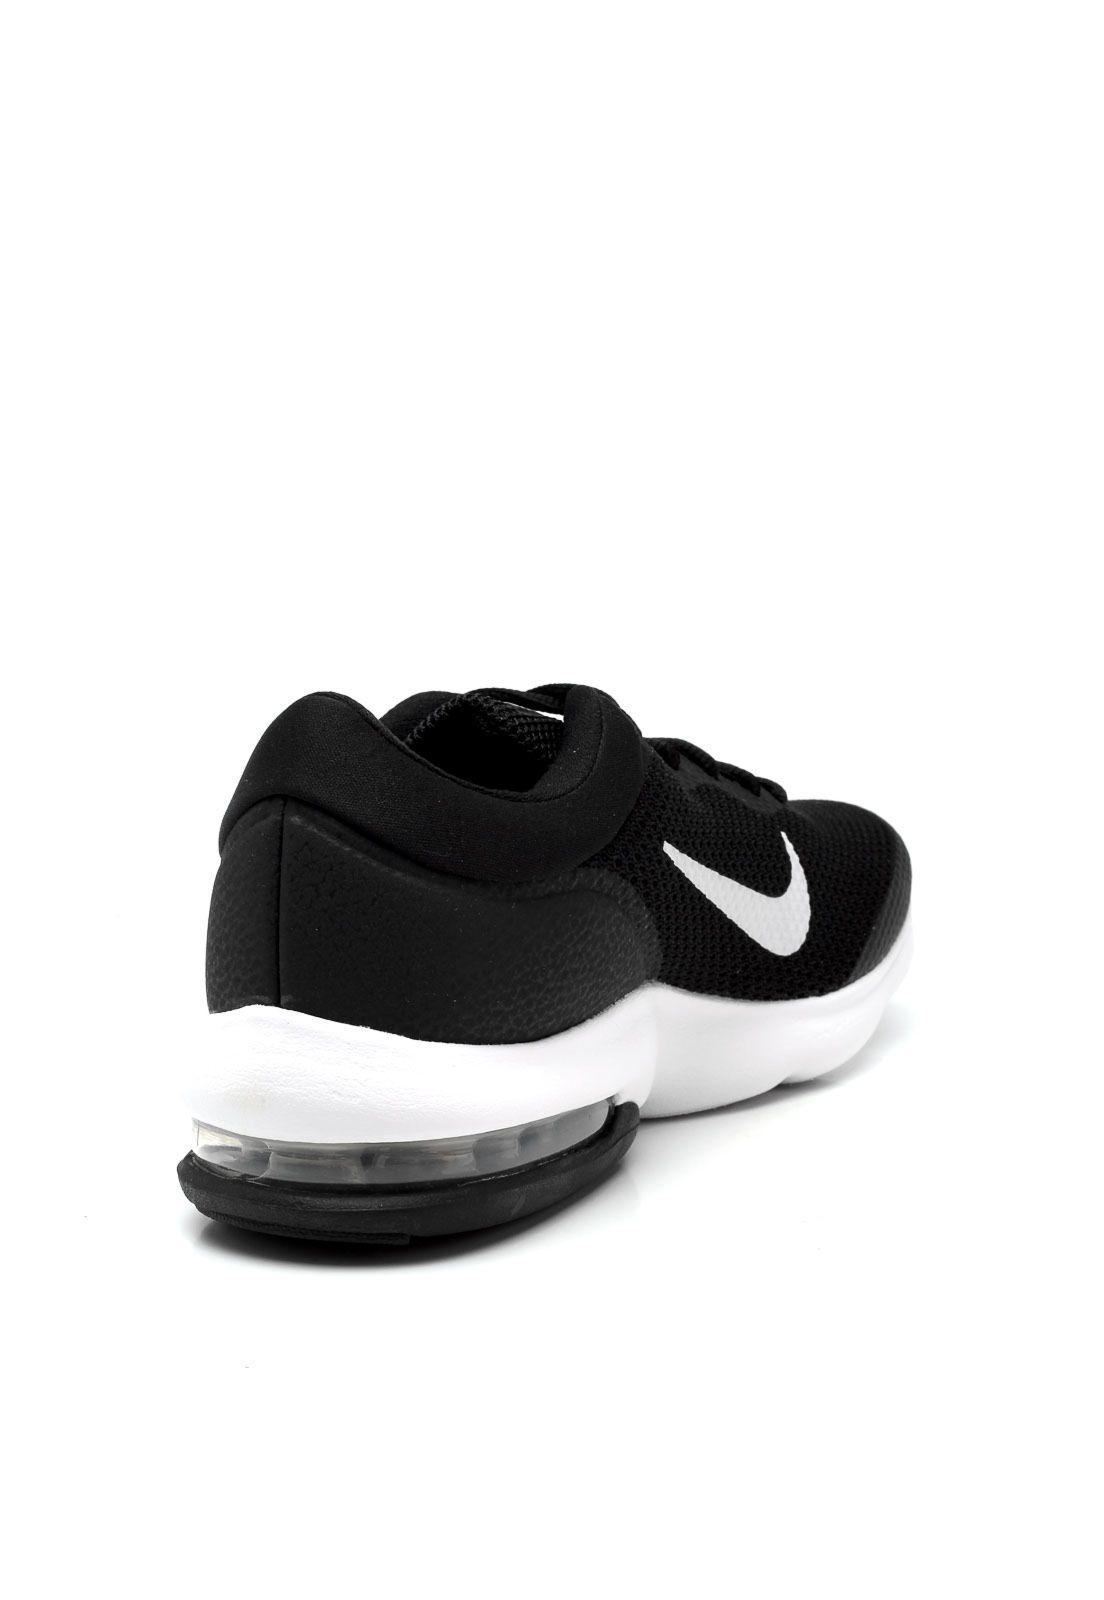 Tênis Corrida Nike Air Max Advantage Preto Branco d89529259e